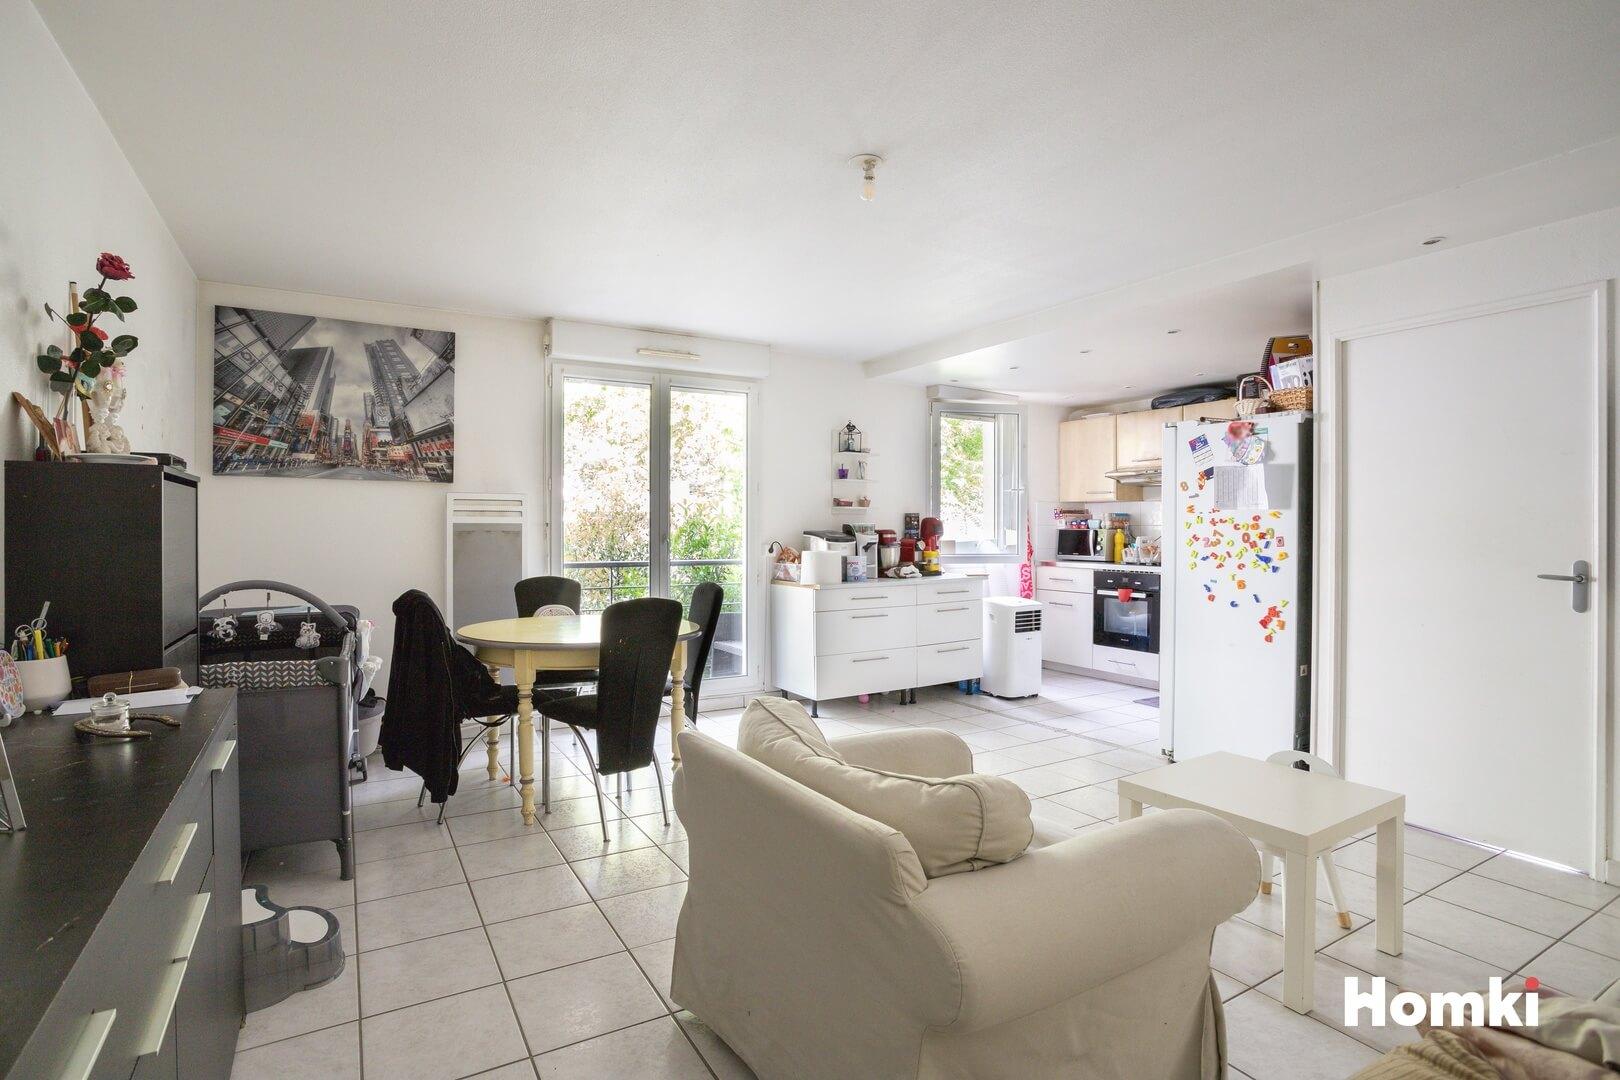 Homki - Vente Appartement  de 63.0 m² à Vénissieux 69200